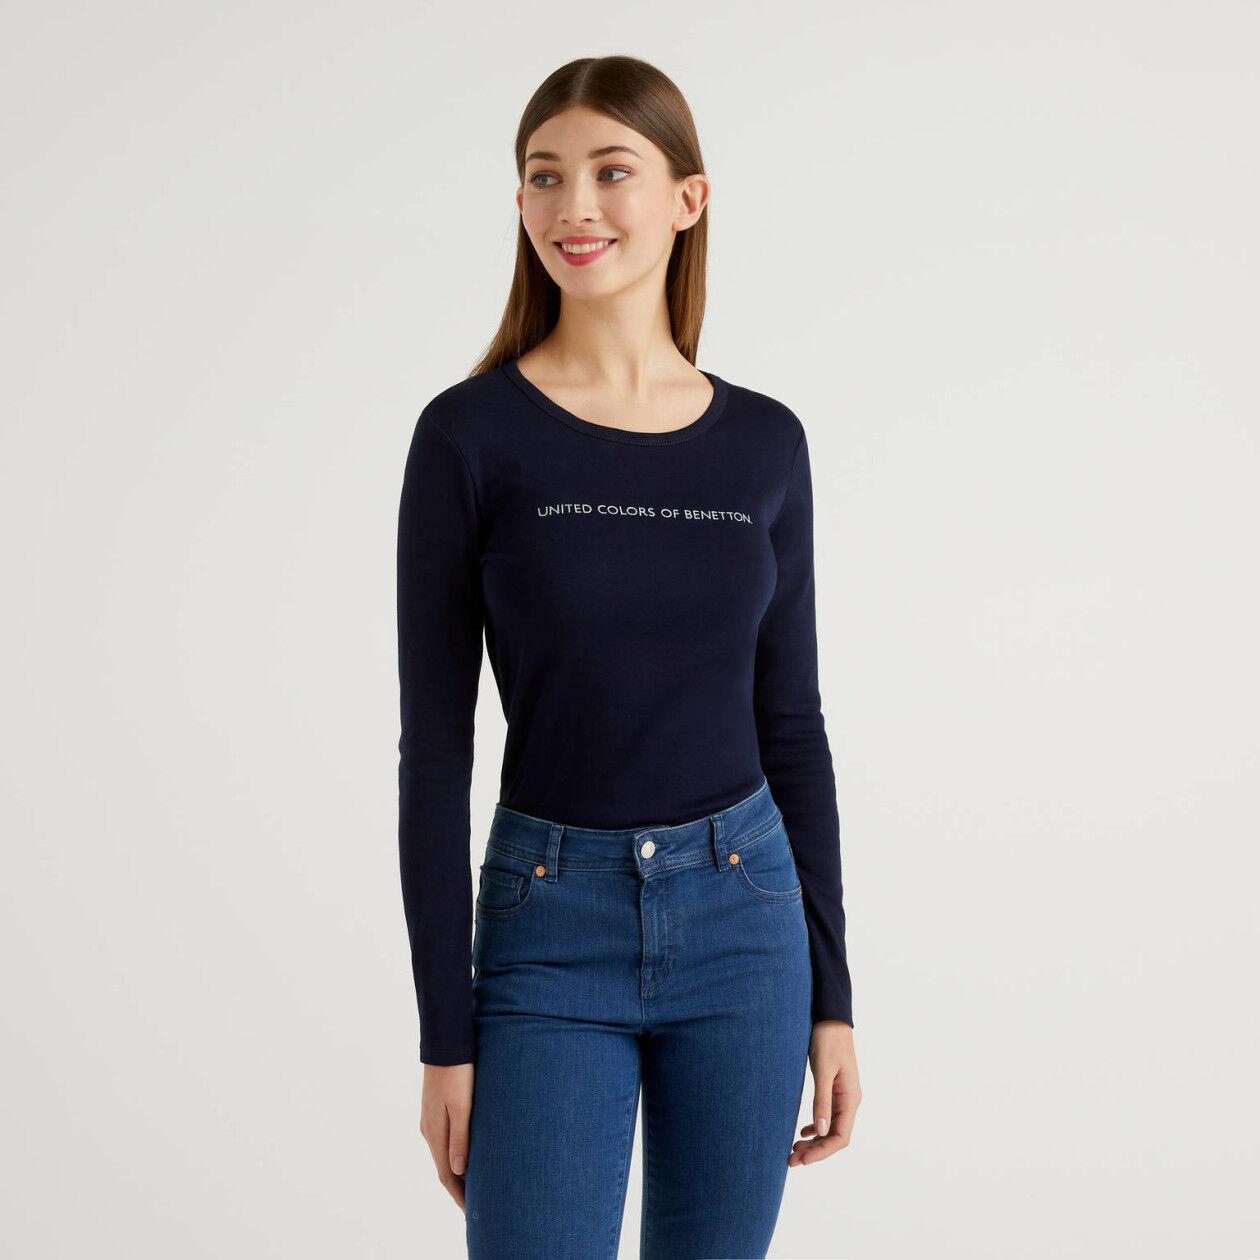 T-shirt bleu foncé à manches longues 100% coton